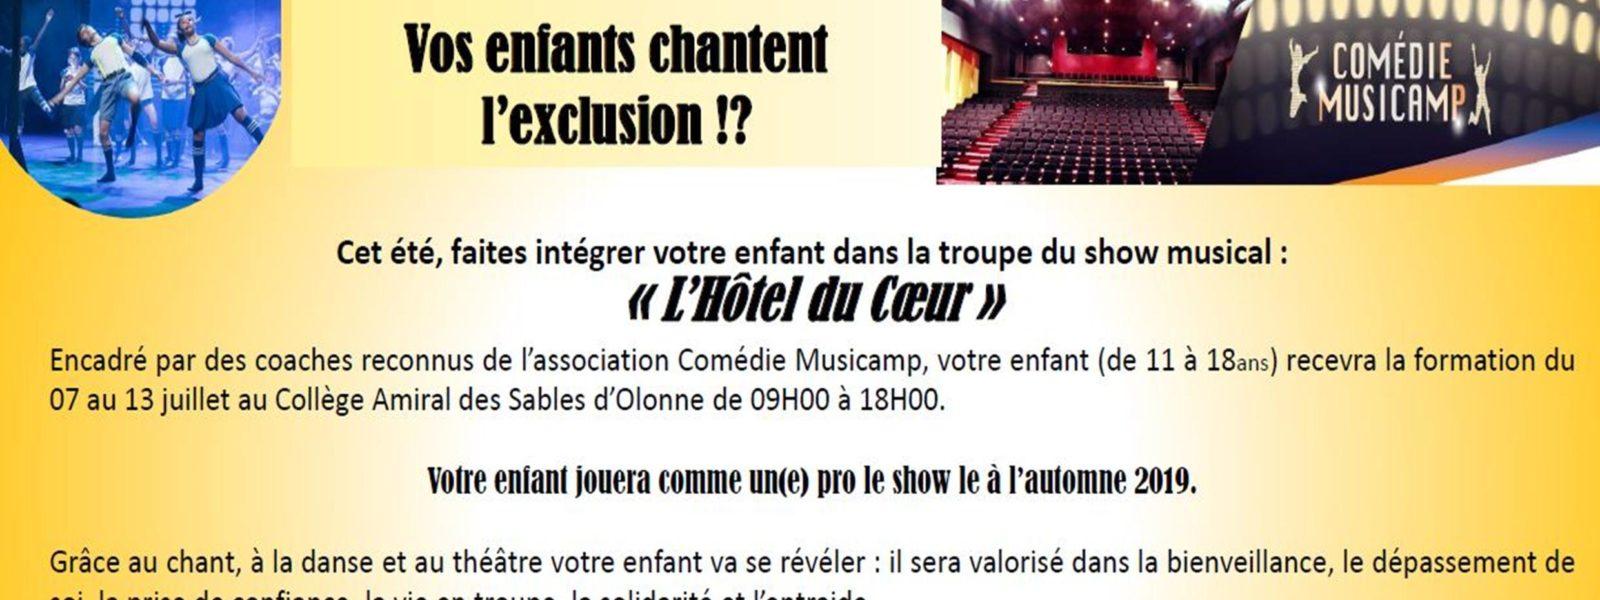 Le Comédie Musicamp de retour en Vendée